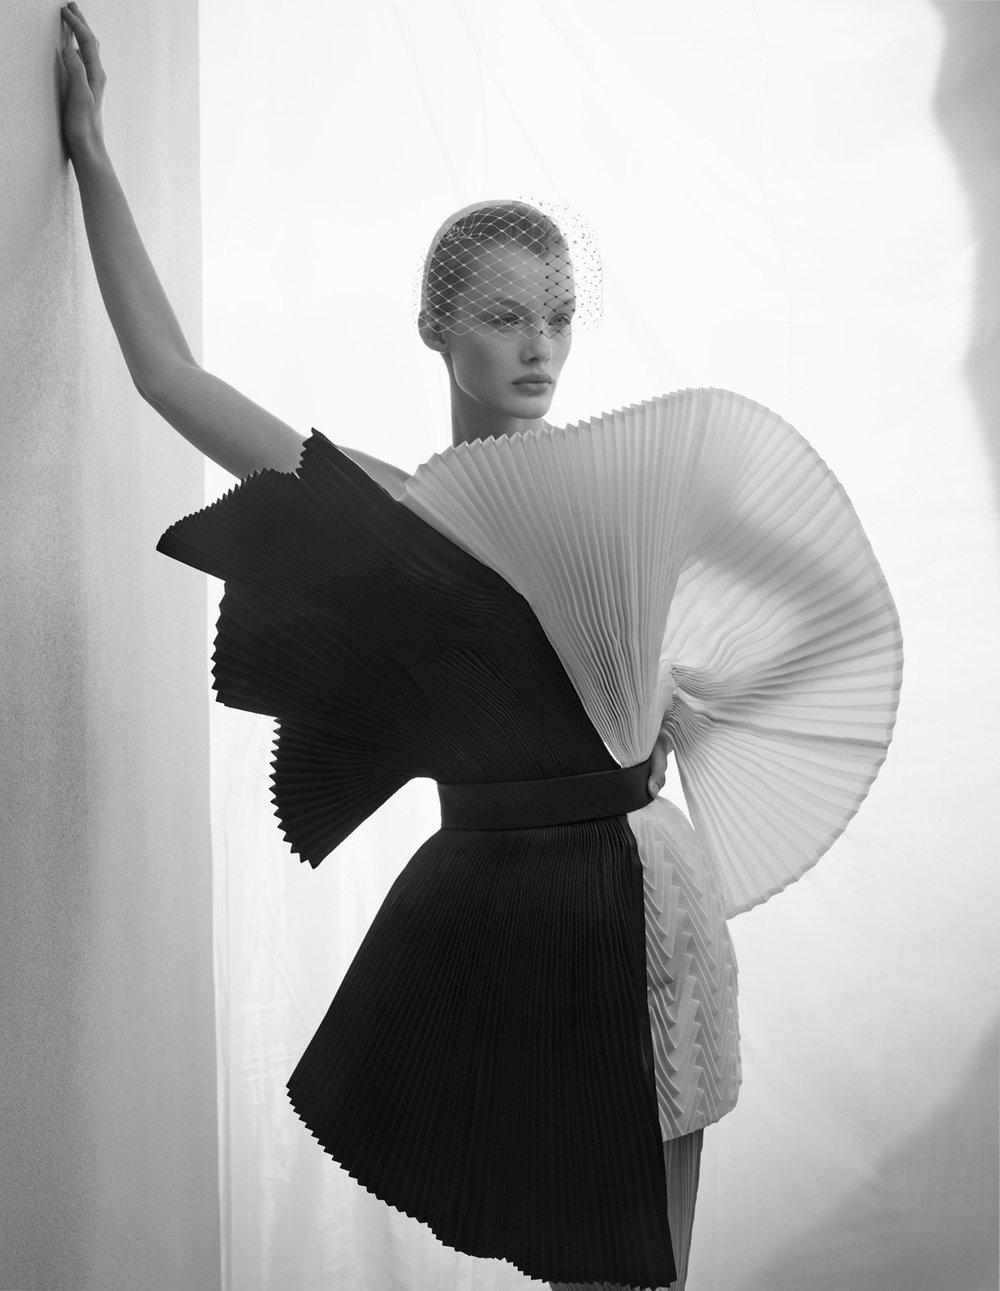 Kris Grikaite by Solve Sundsbo for Vogue China Jan 2019 (11).jpg